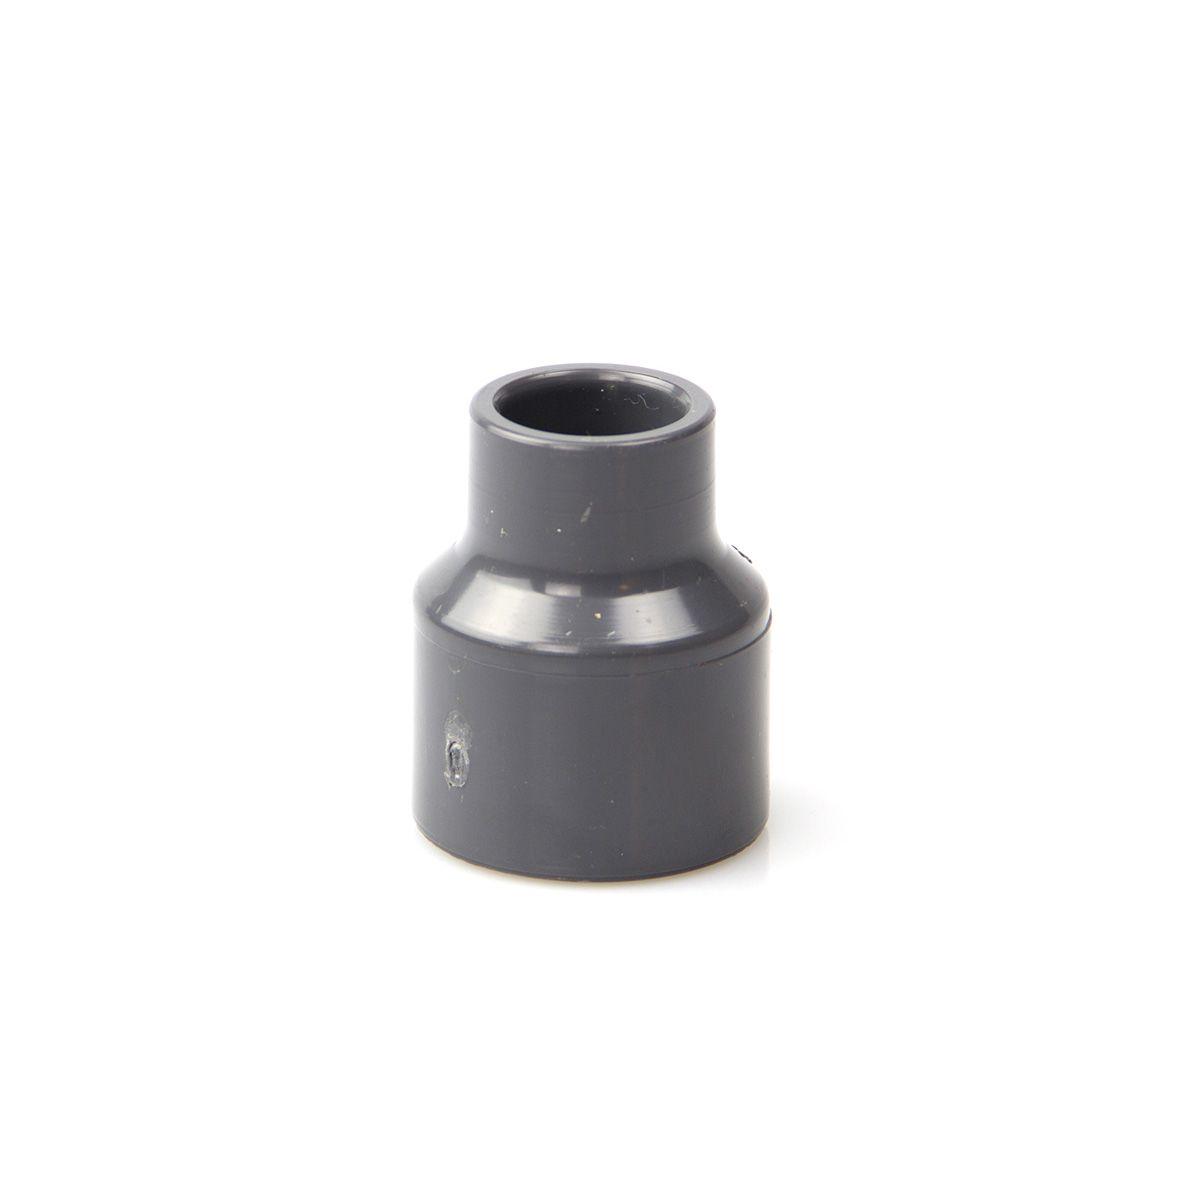 Reduktion lang zum Kleben, aus PVC, grau, d 20 x D 25 x d 16 mm, PN 16